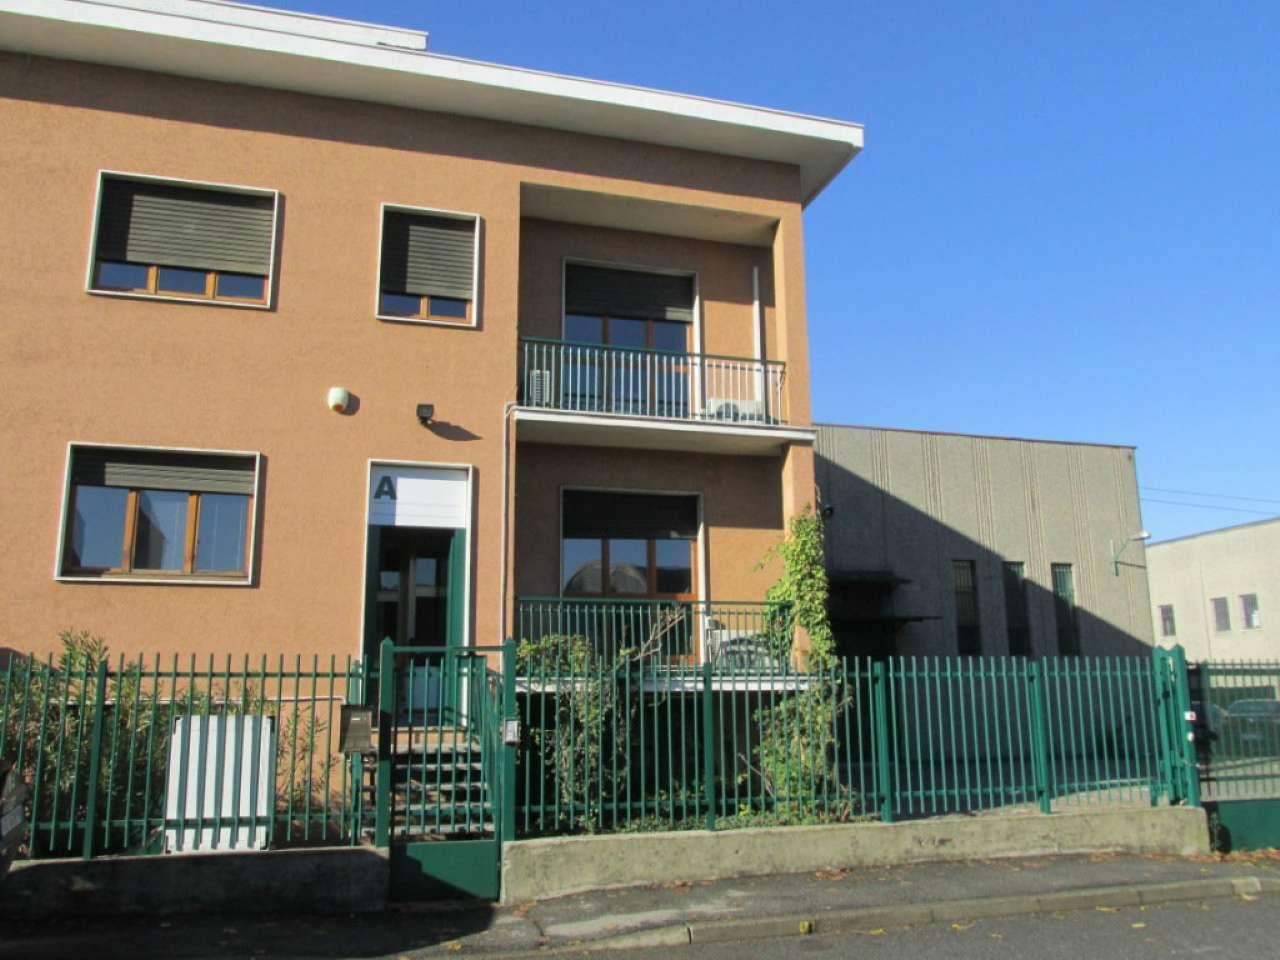 Ufficio-studio in Vendita a Segrate:  5 locali, 240 mq  - Foto 1